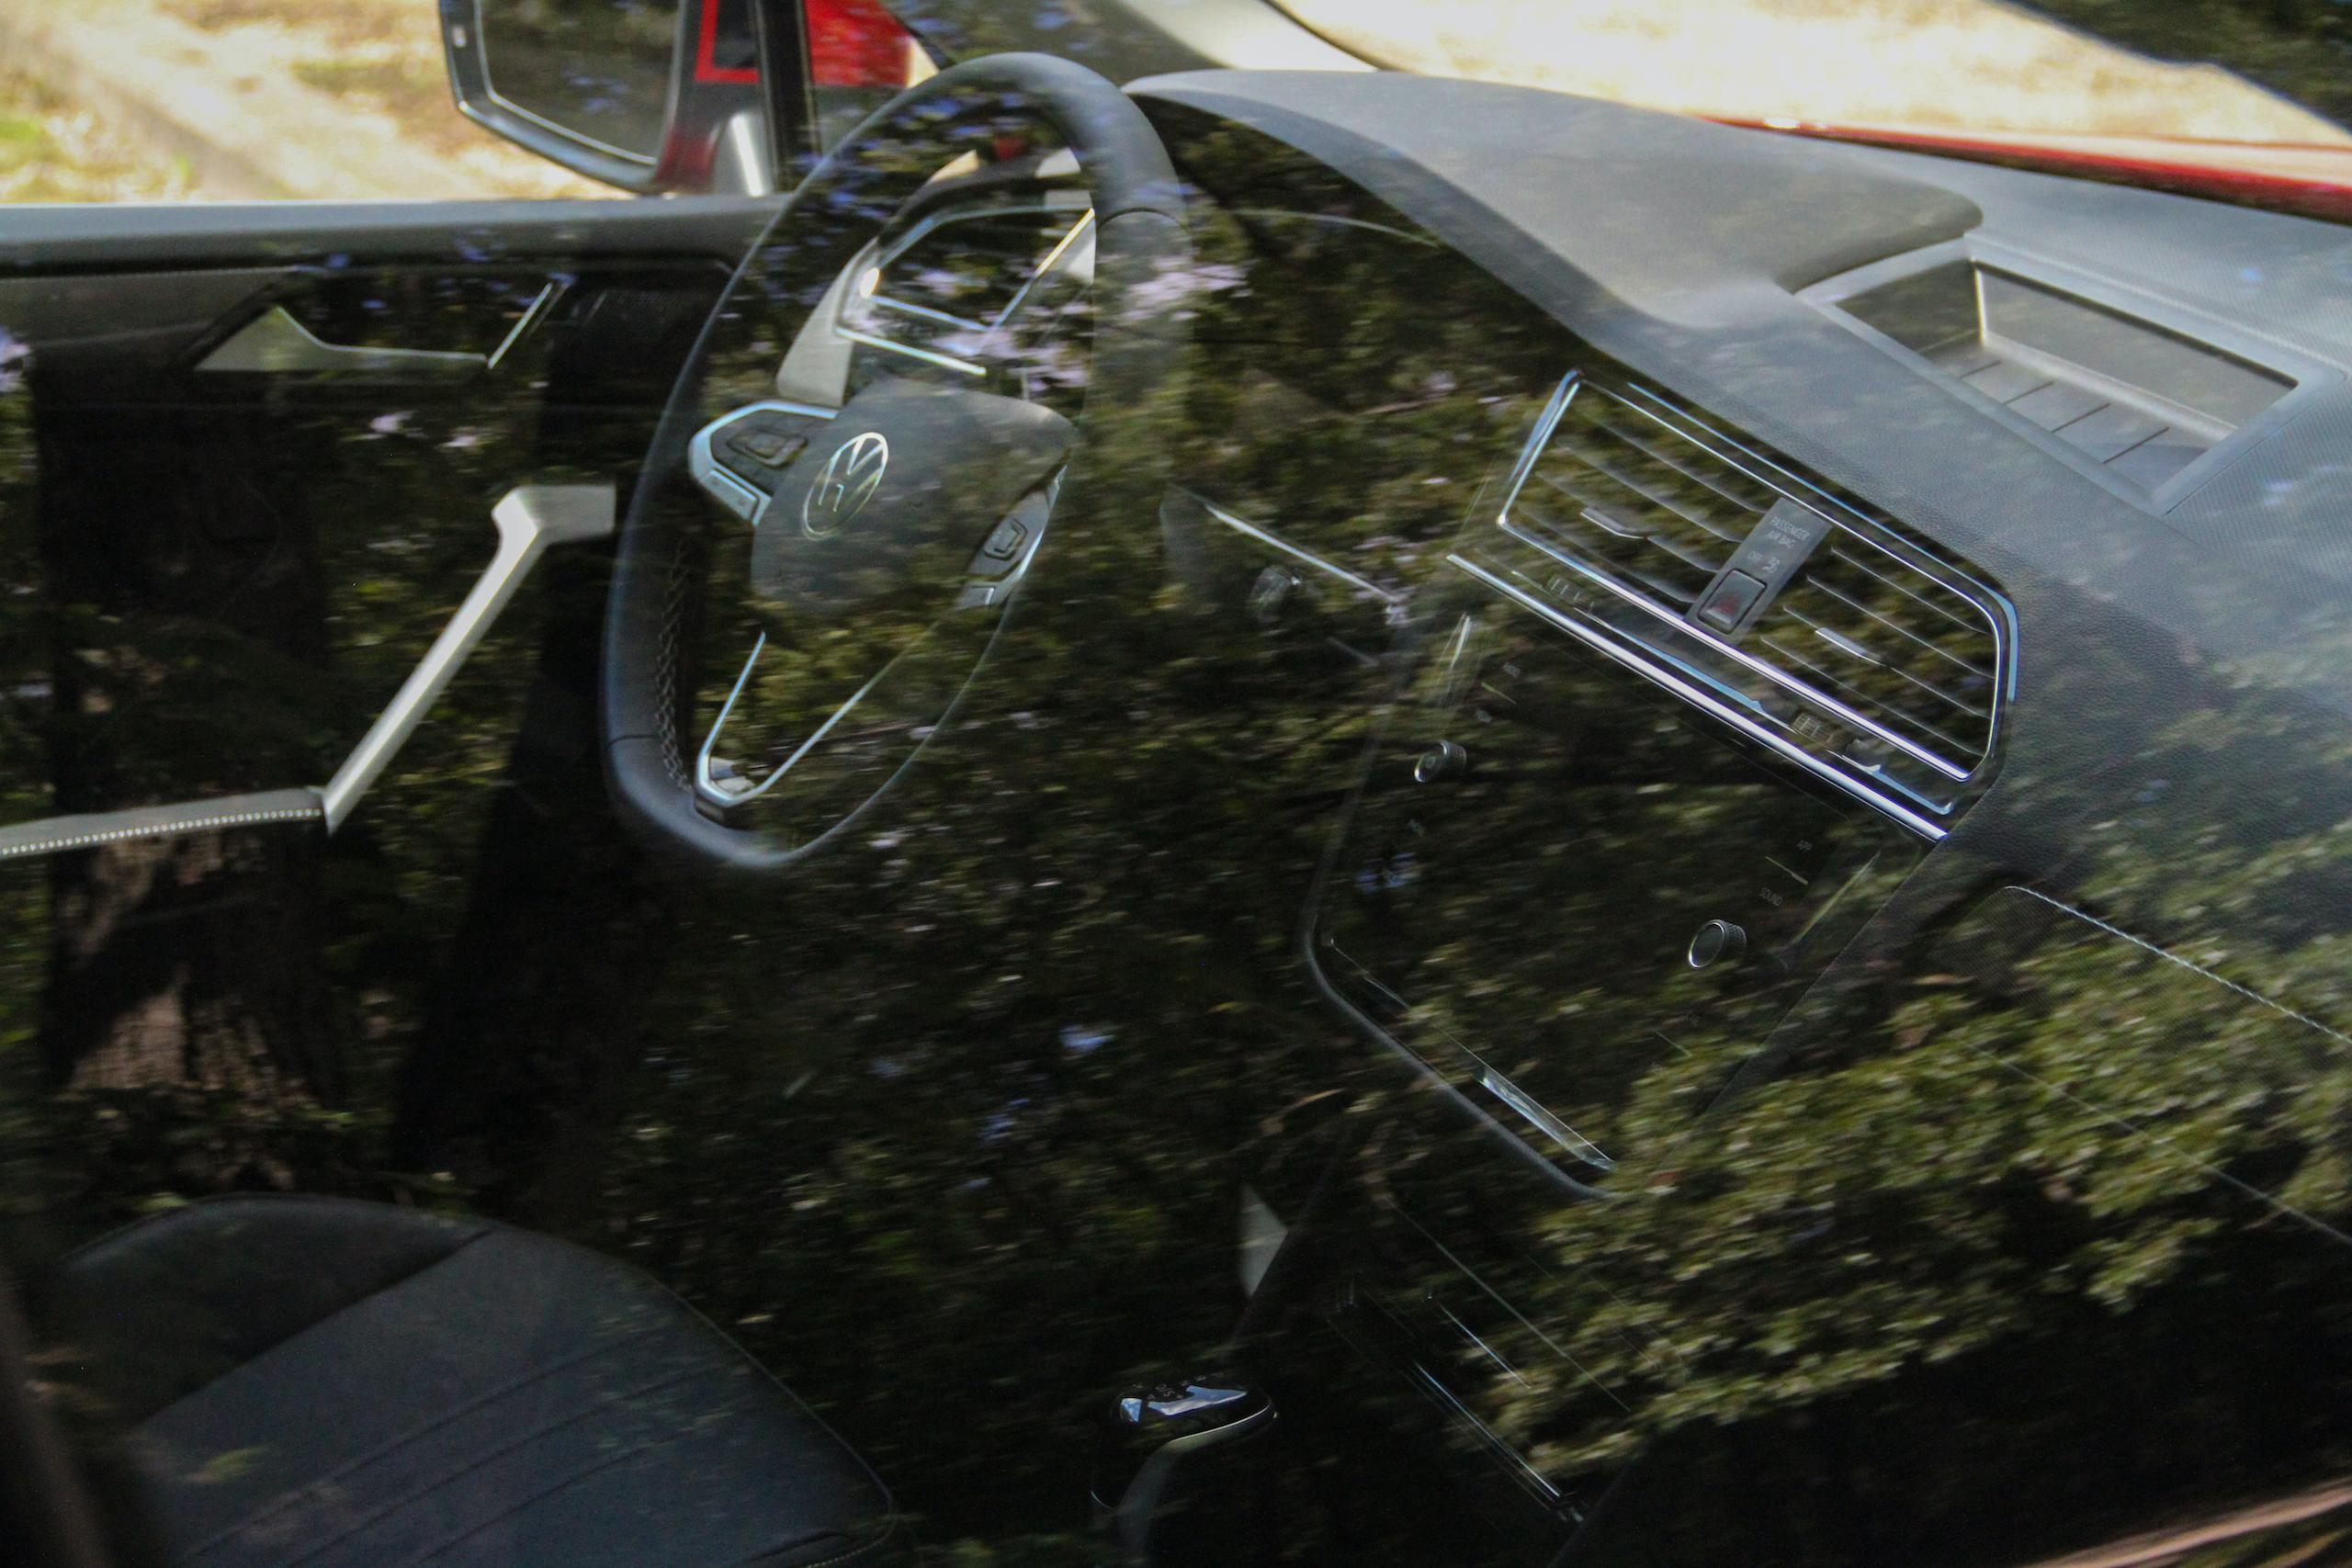 2022 VW Tiguan SE interior through glass